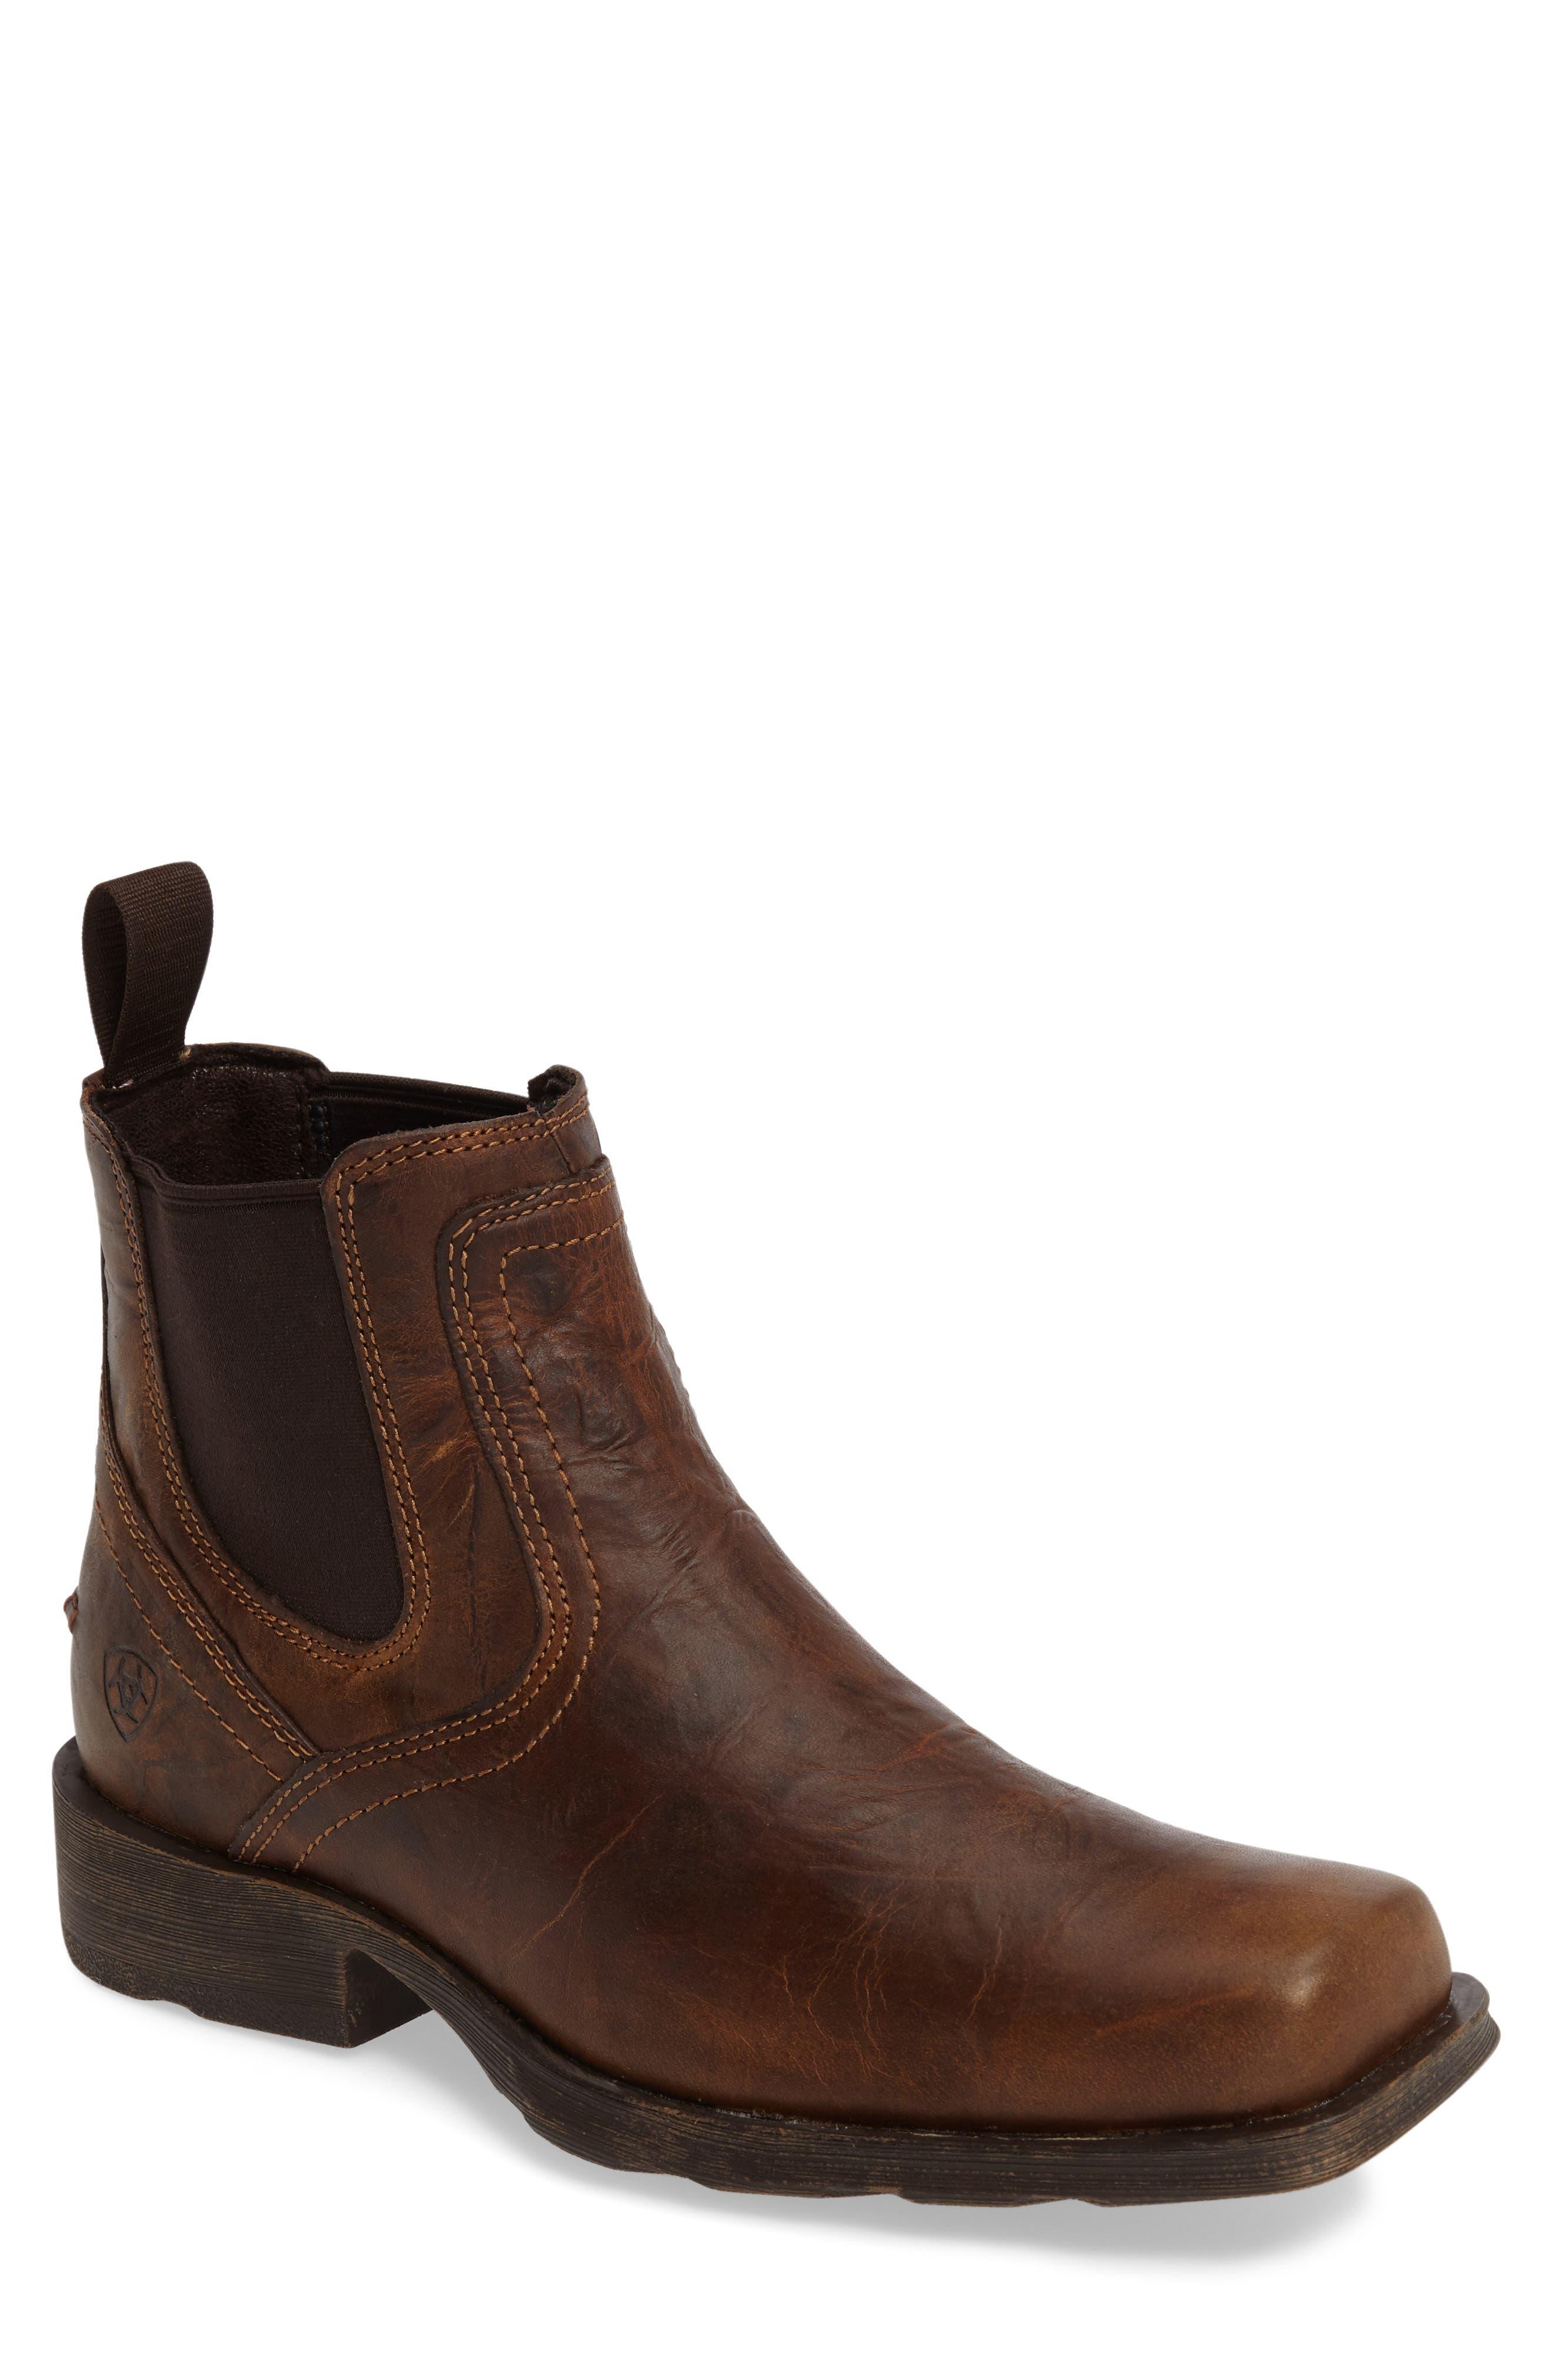 Midtown Rambler Mid Chelsea Boot,                         Main,                         color, BARN BROWN